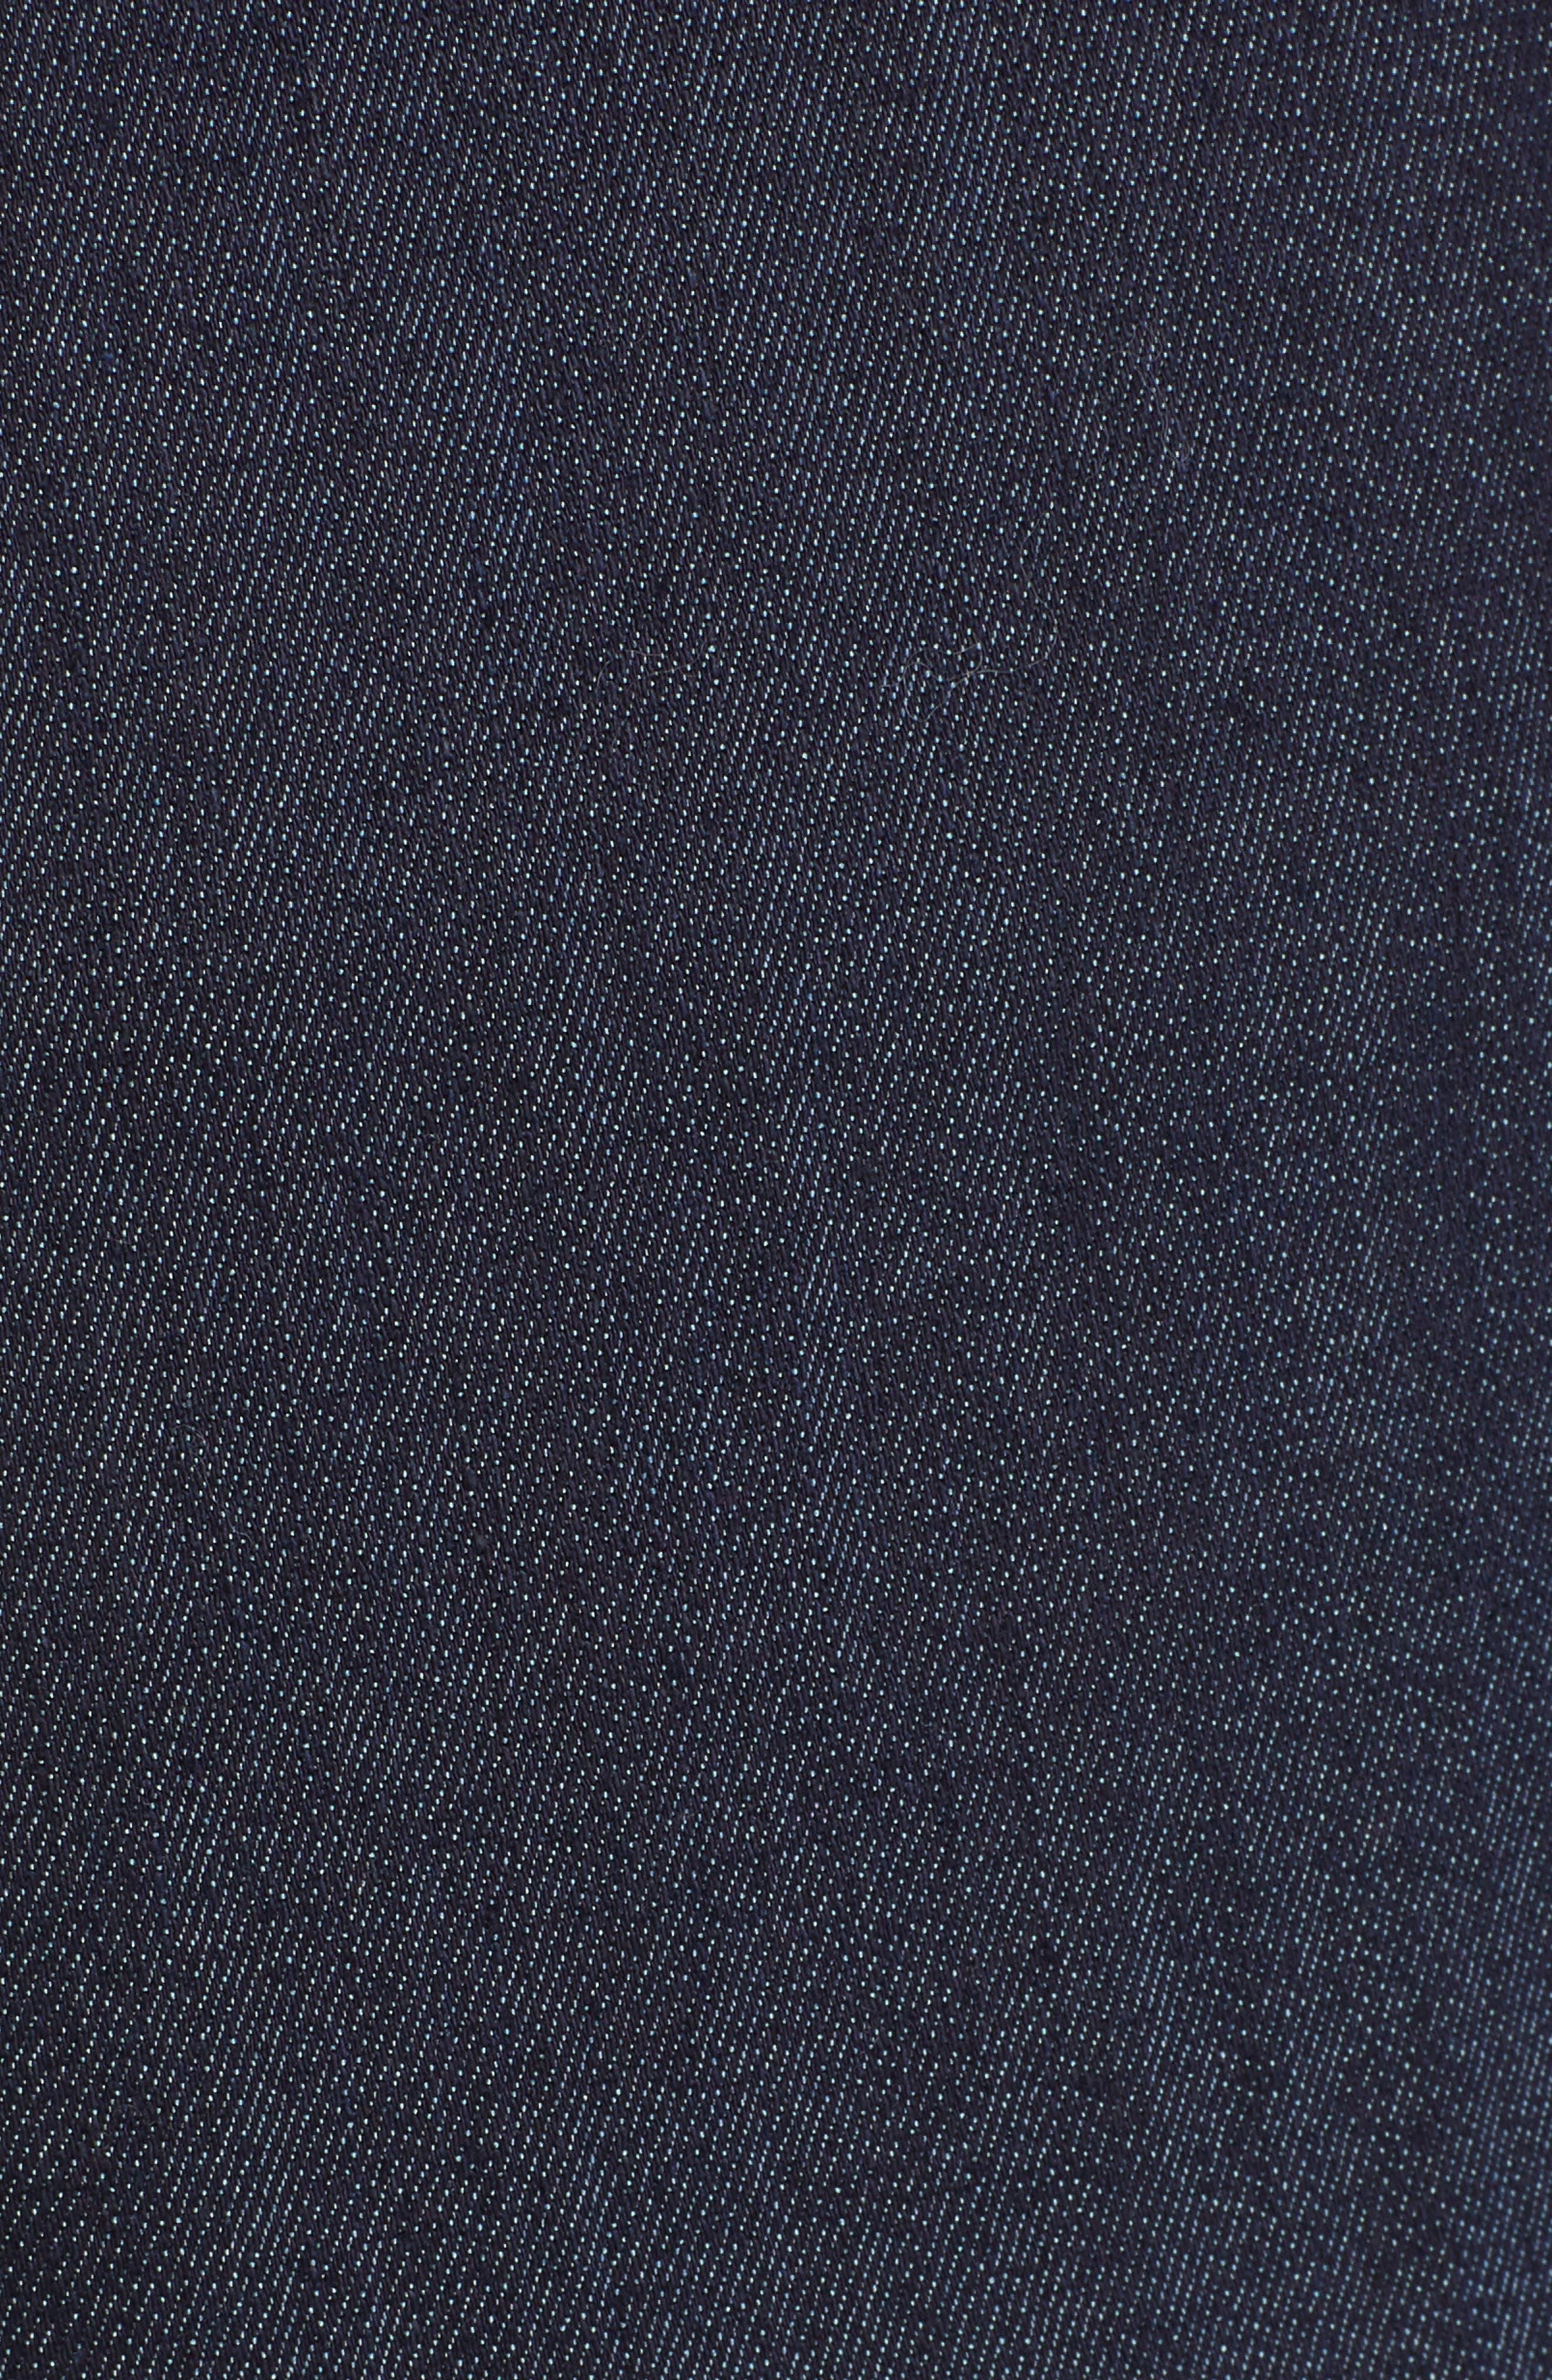 Azure Crop Wide Leg Jeans,                             Alternate thumbnail 5, color,                             INDIGO